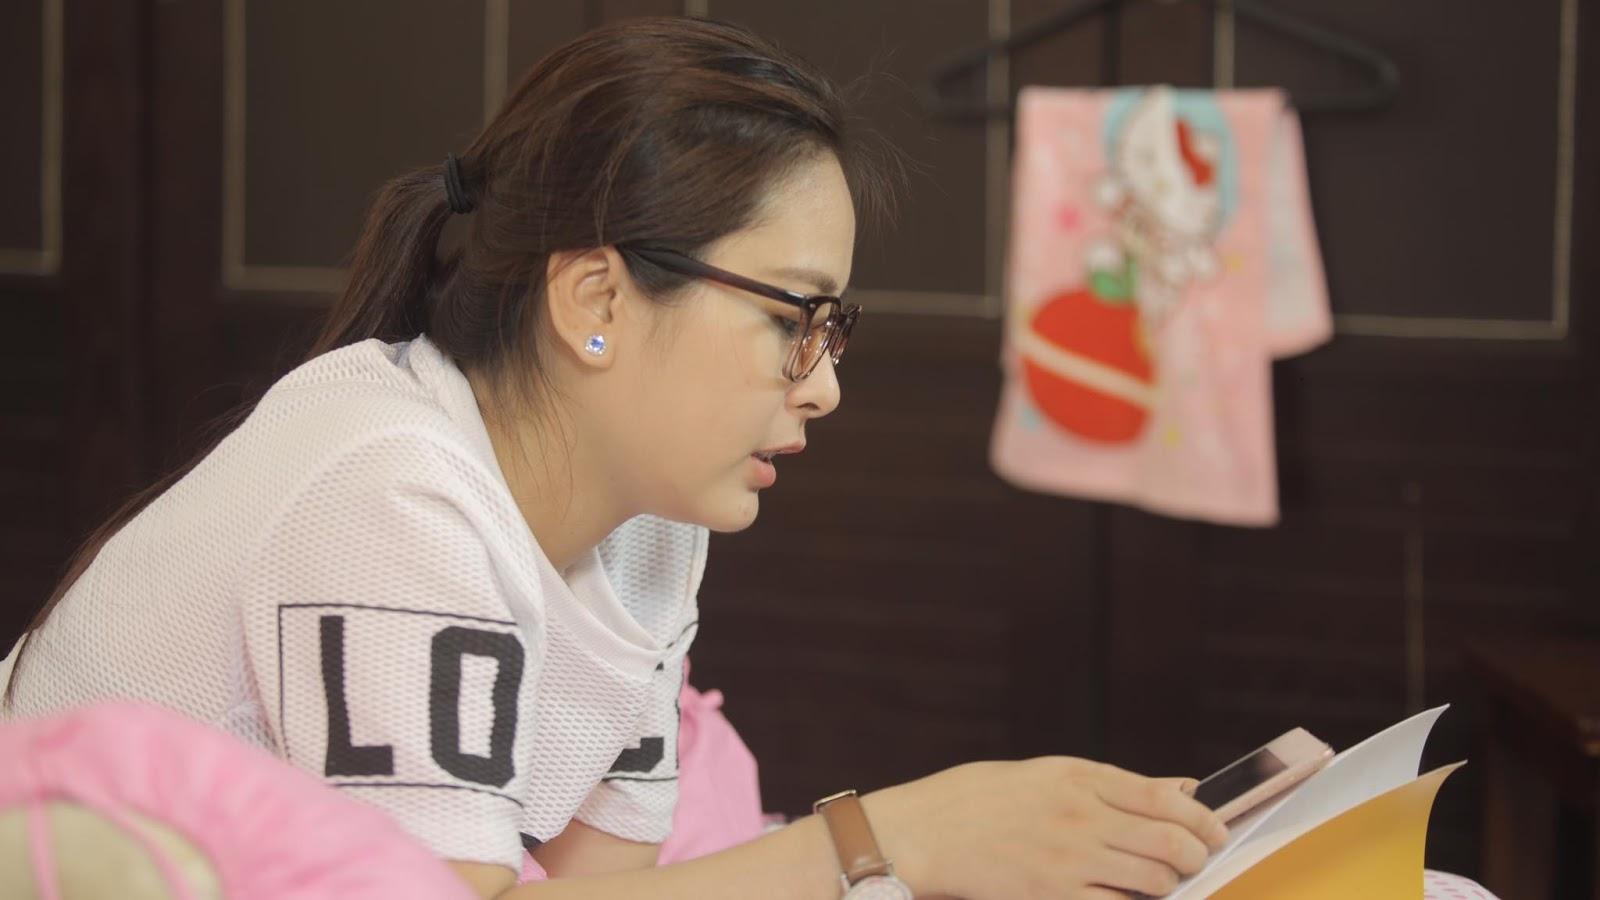 anh do thu faptv 2016 38 - HOT Girl Đỗ Thư FAPTV Gợi Cảm Quyến Rũ Mũm Mĩm Đáng Yêu